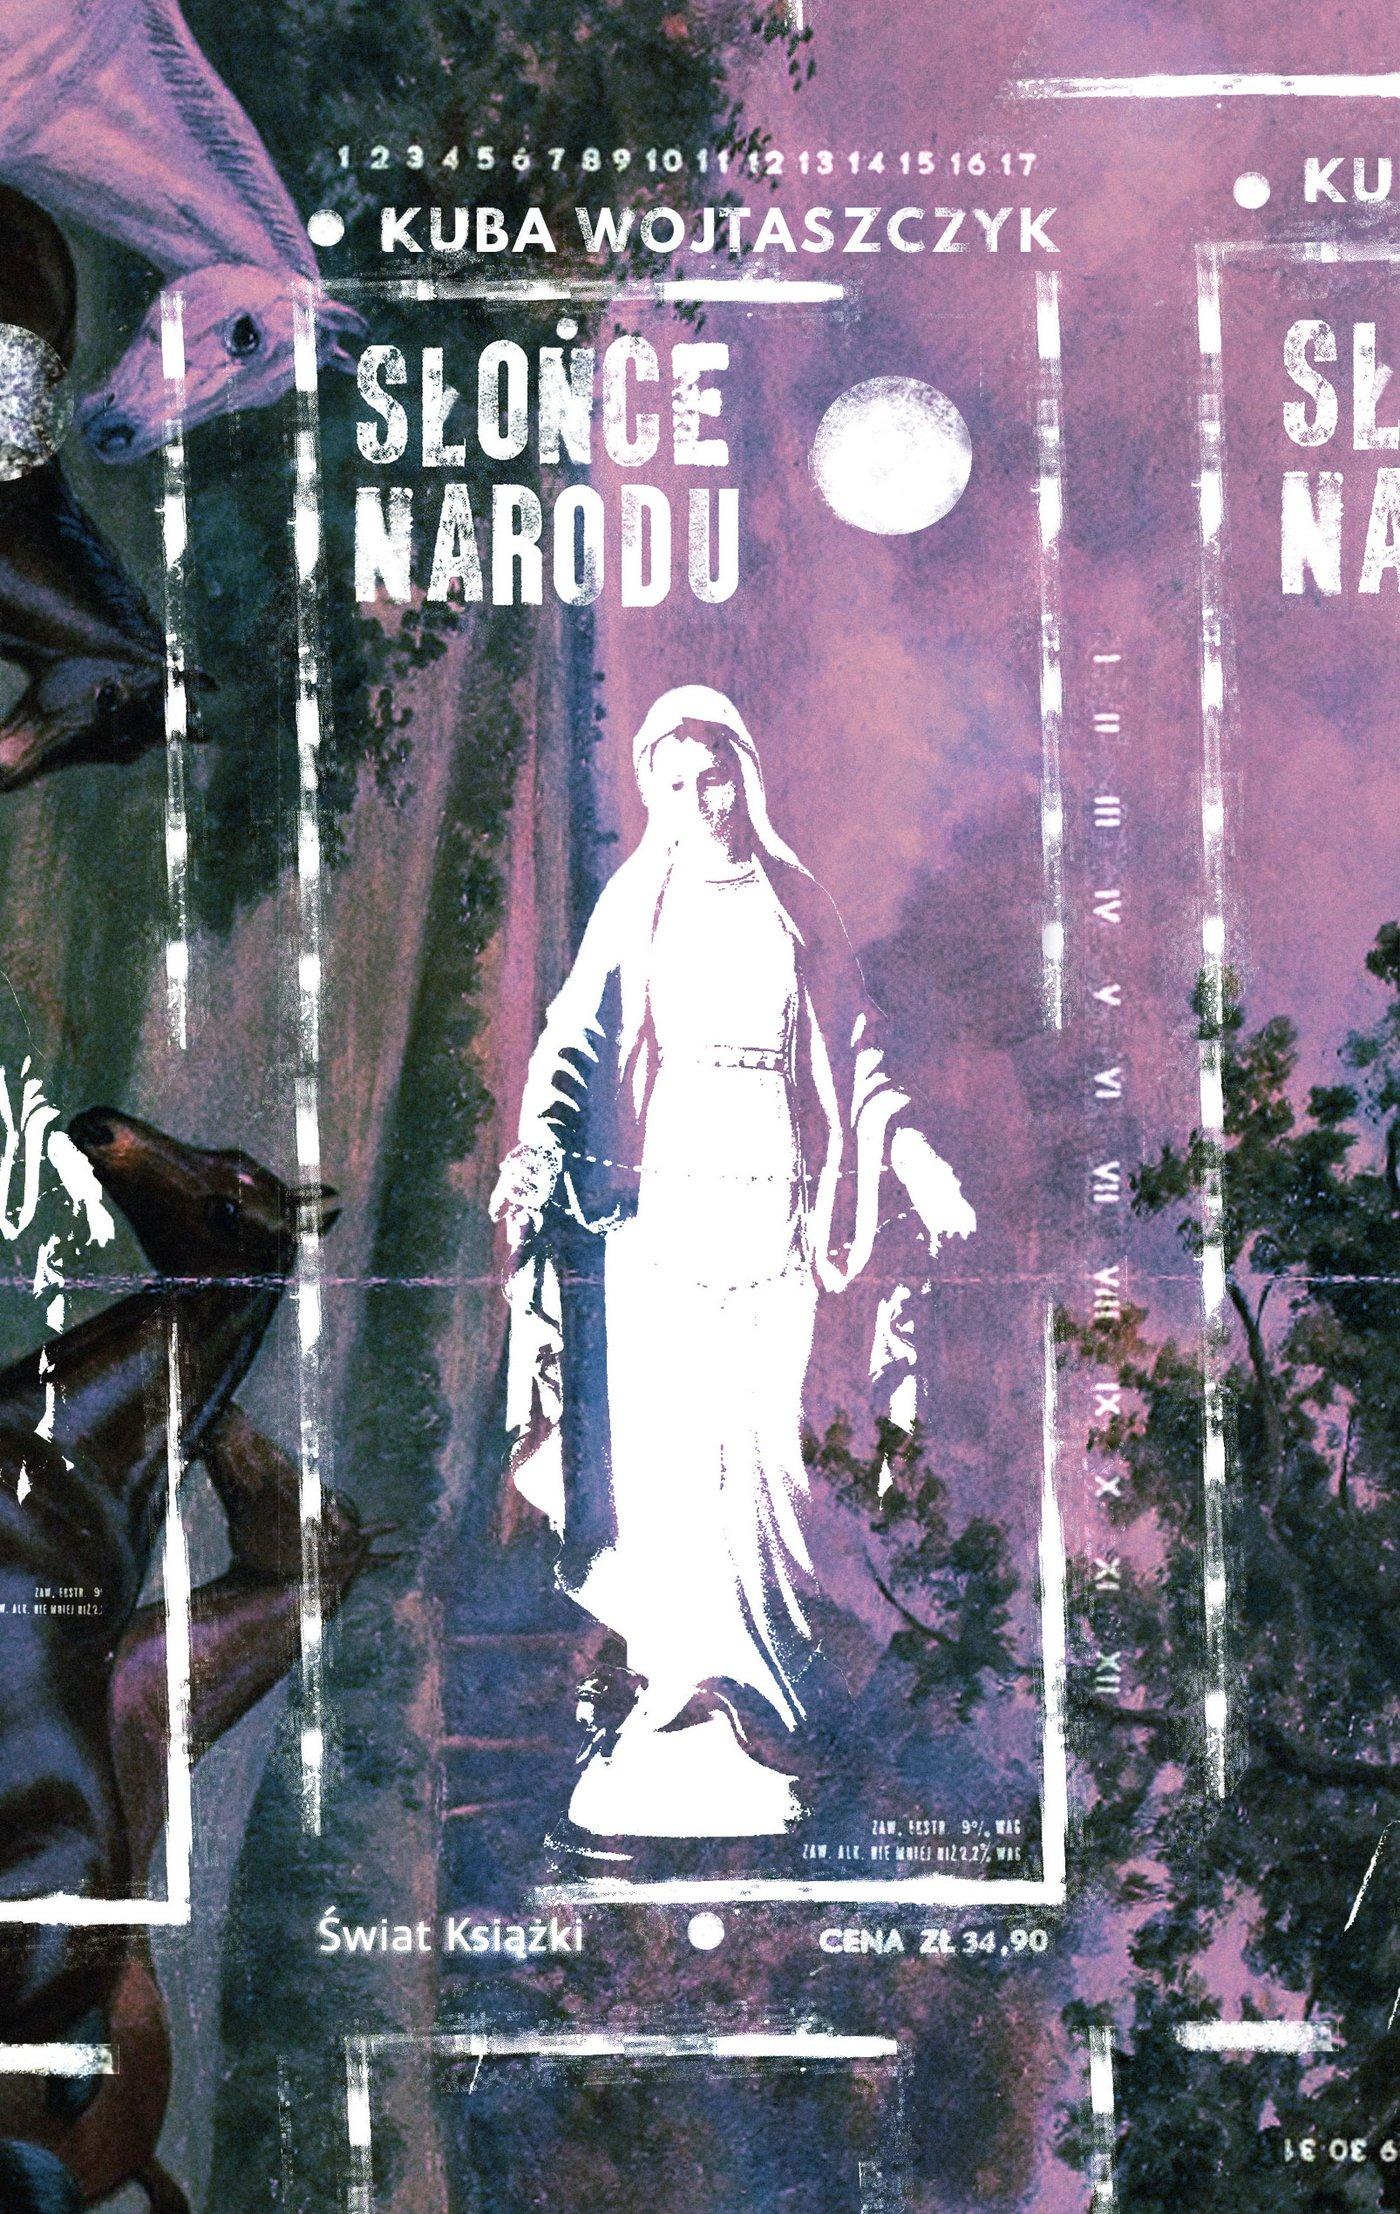 Słońce narodu - Ebook (Książka na Kindle) do pobrania w formacie MOBI